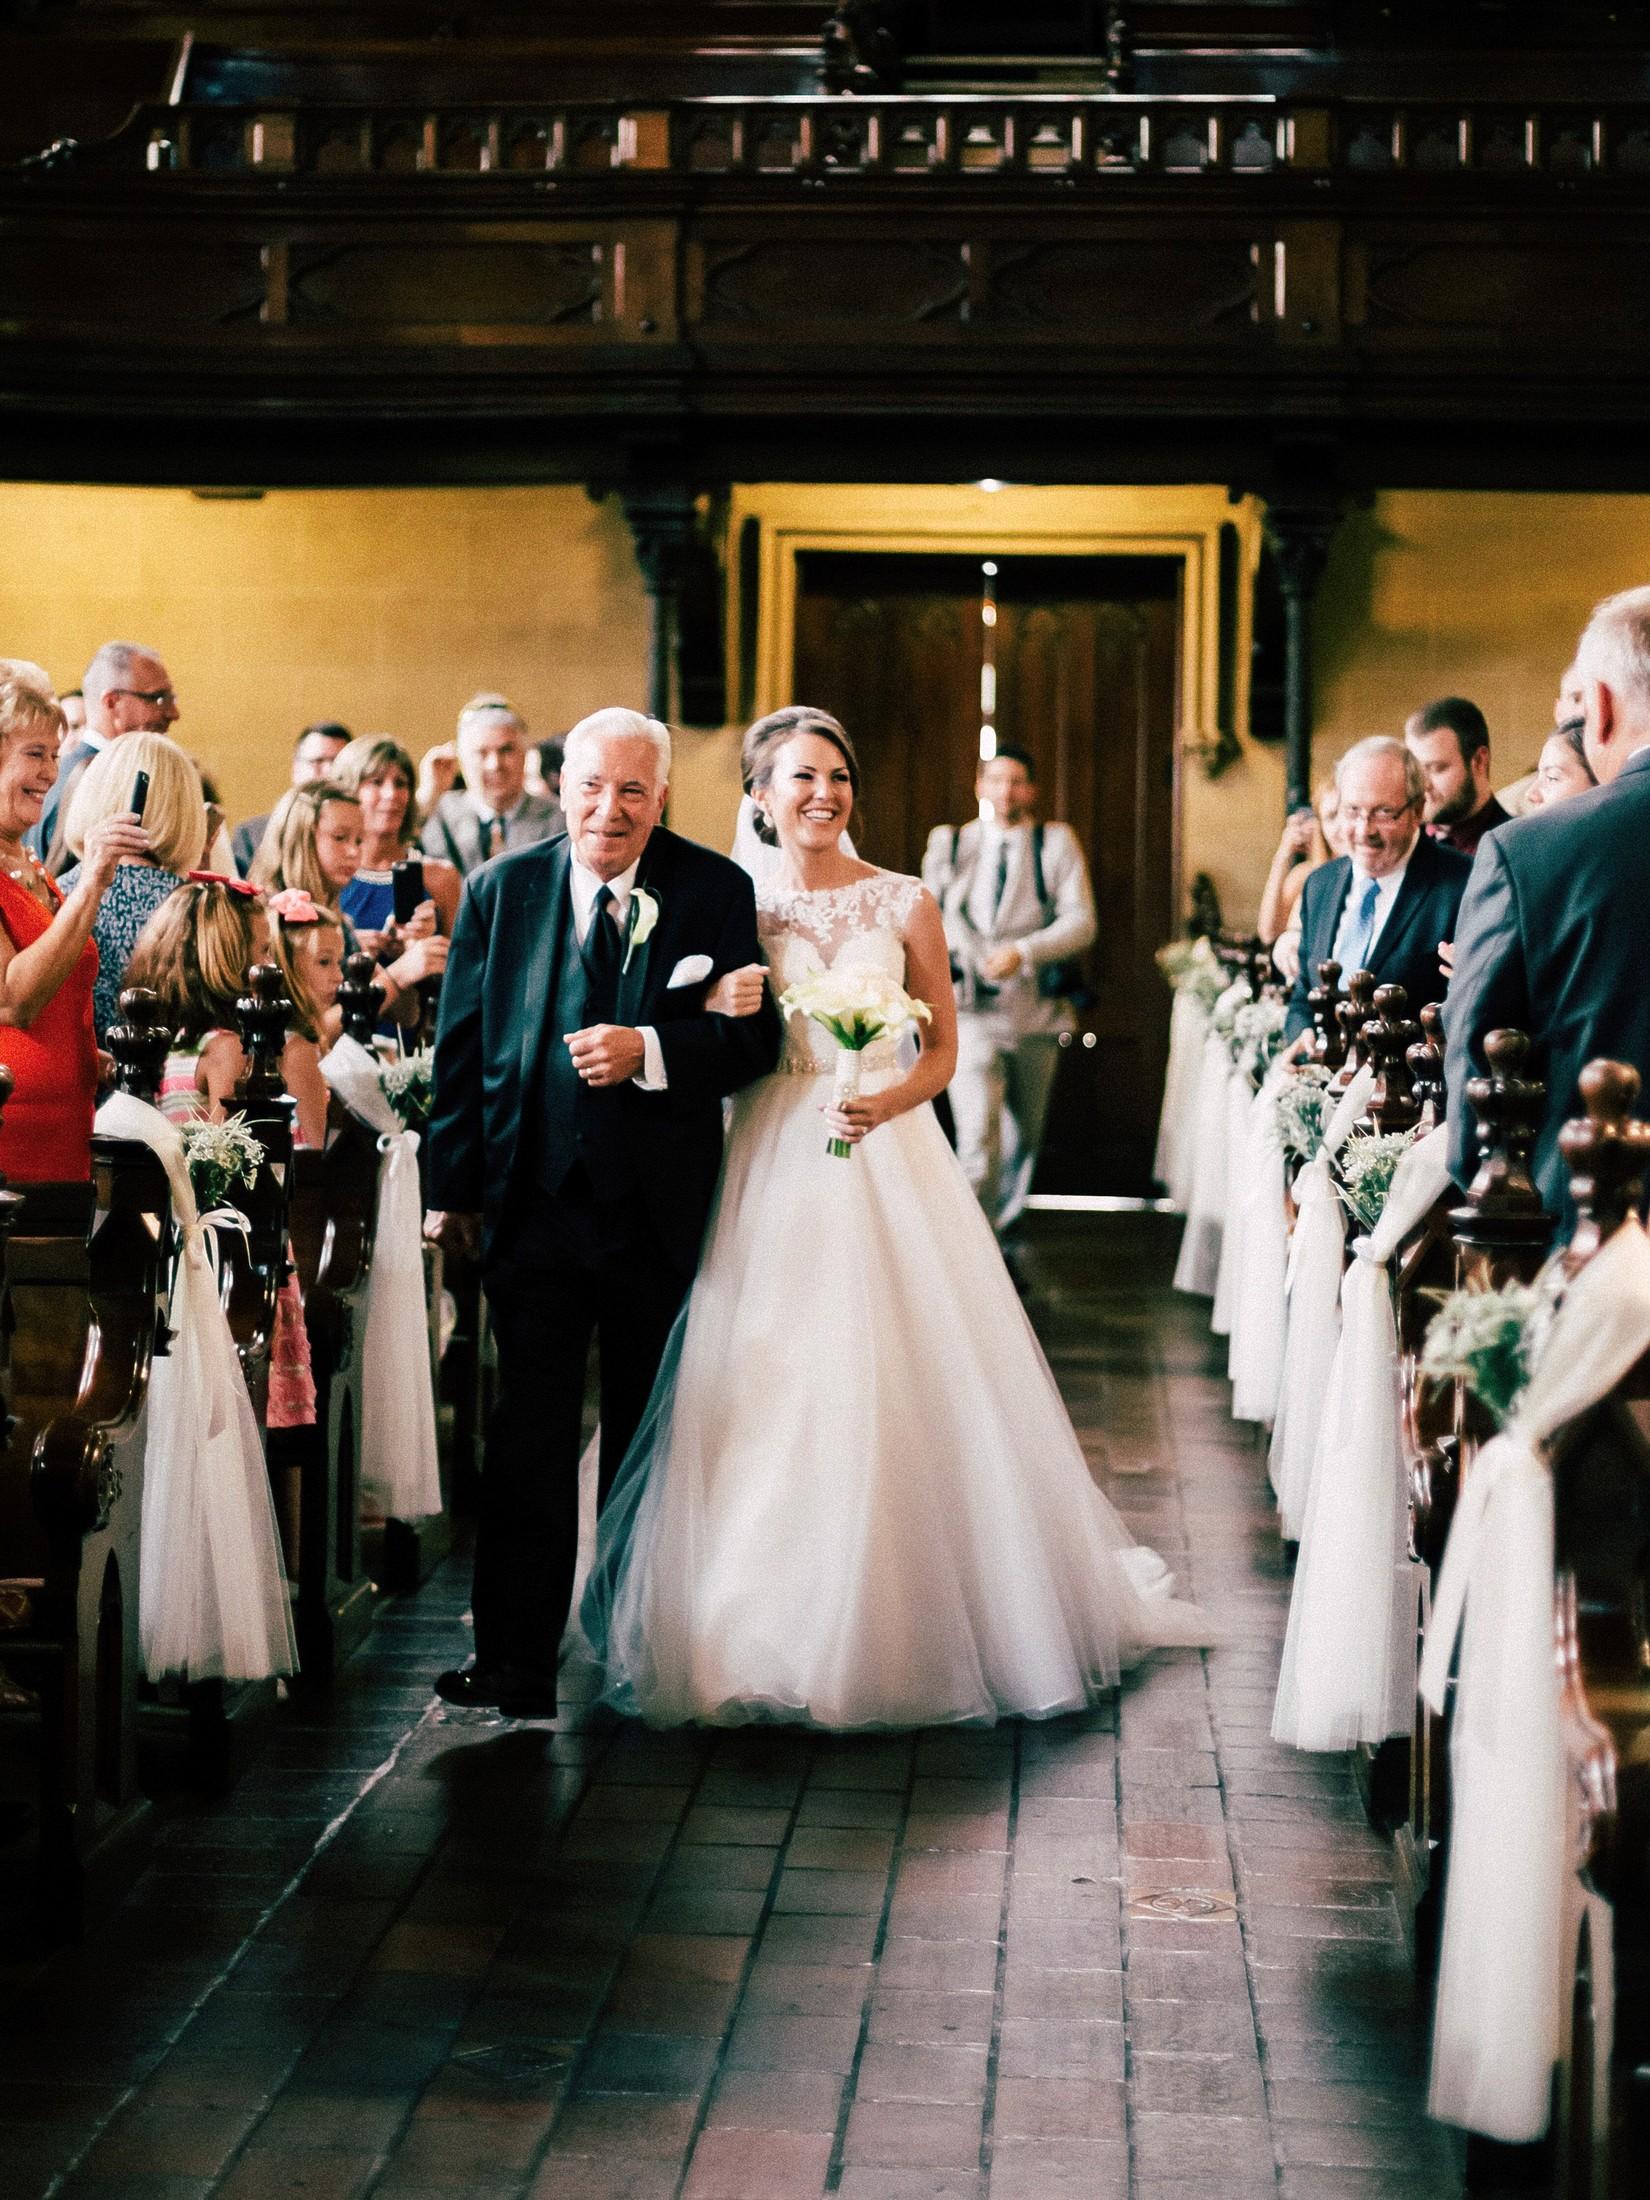 detroit_wedding_blaine_siesser_0019_std.jpg